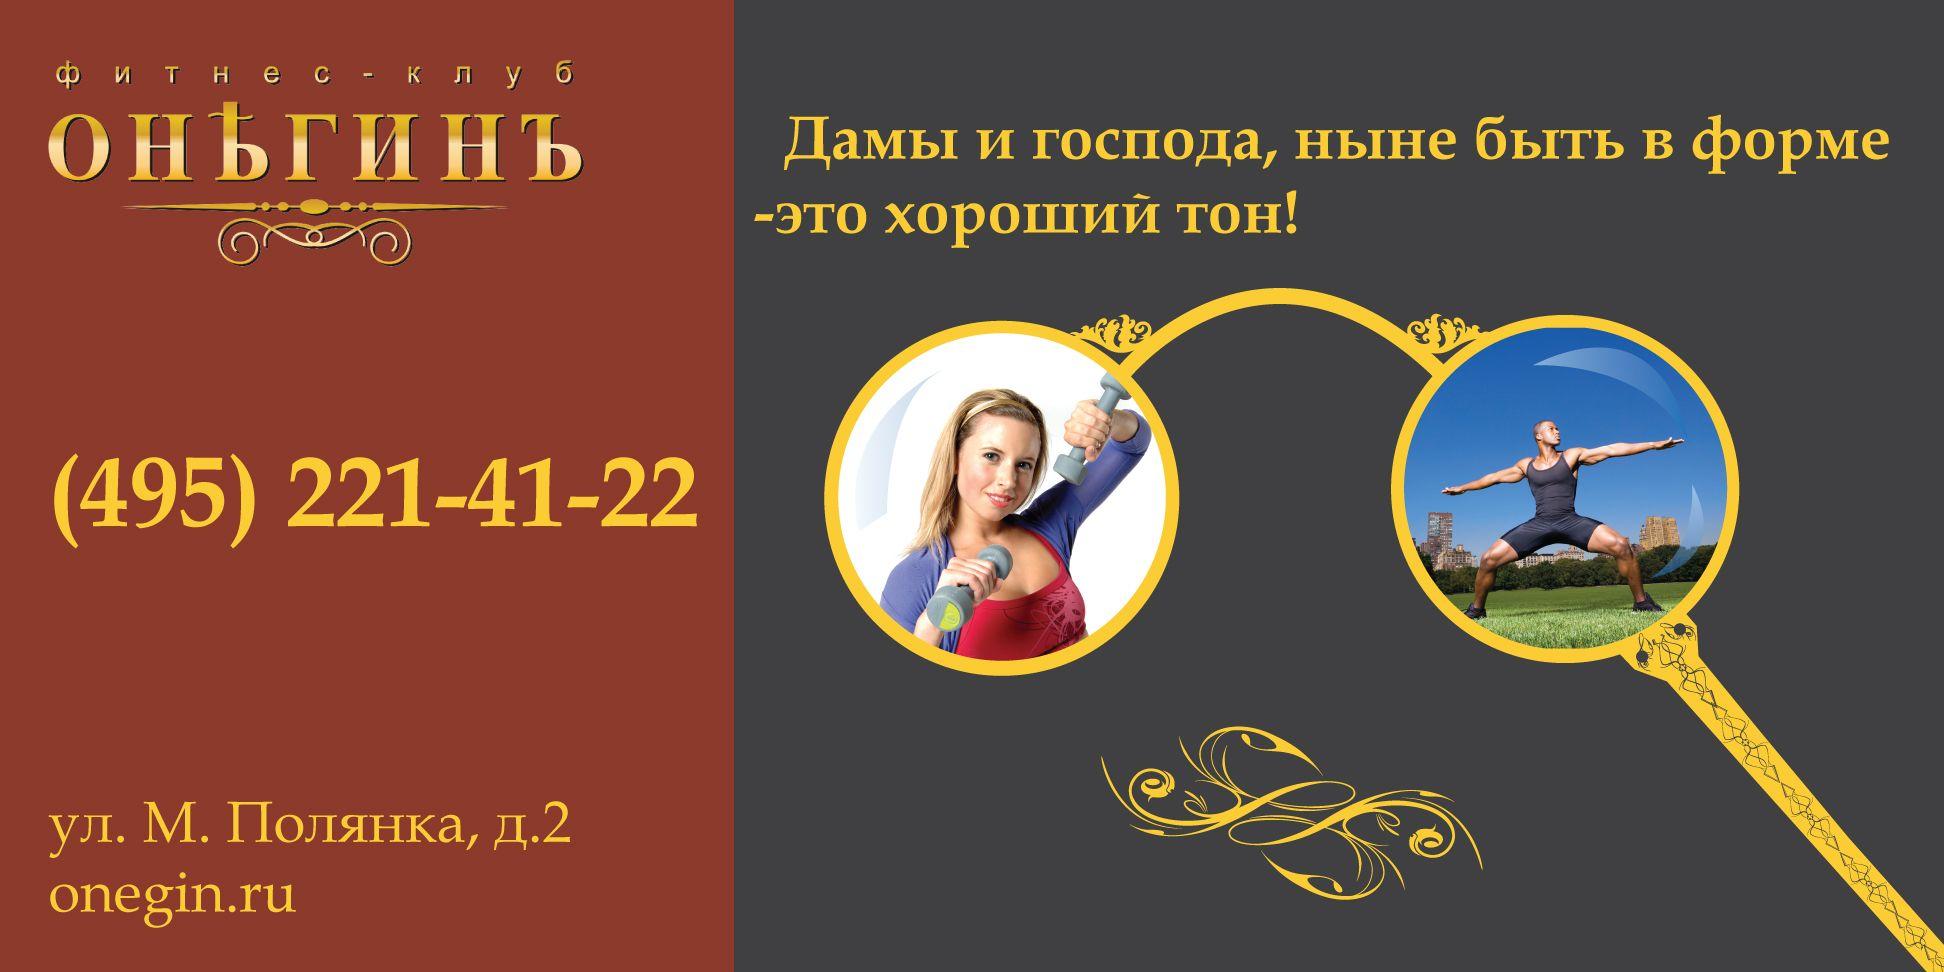 Рекламный баннер - продвижение фитнес-клуба  - дизайнер SvetlanaBykowa